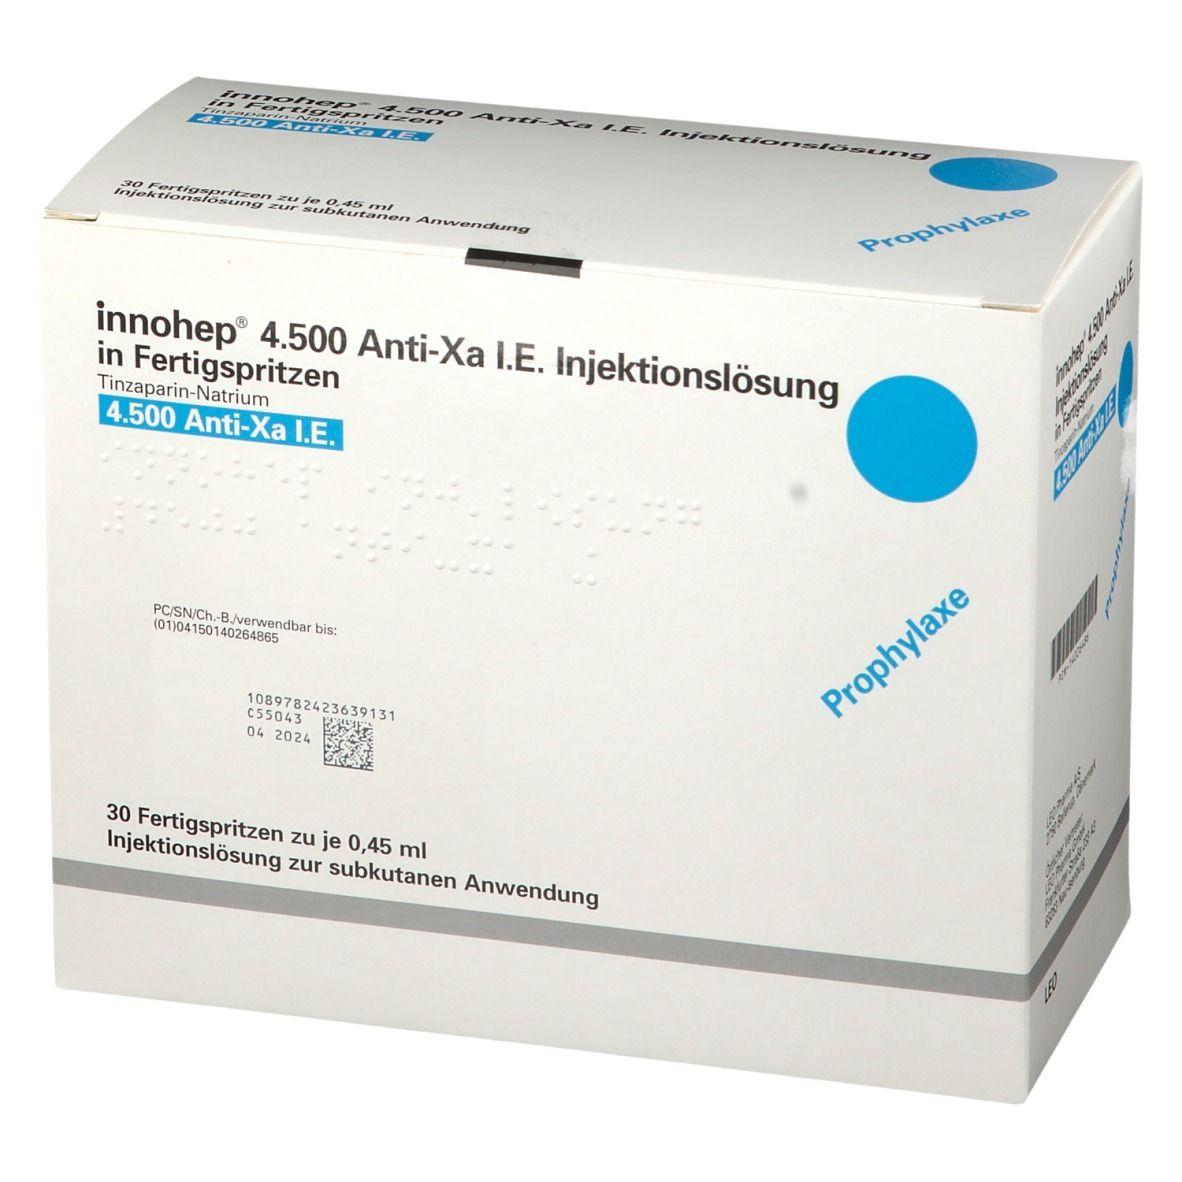 INNOHEP 4.500 Anti-Xa I.E. 0,45ml Fertigspritzen